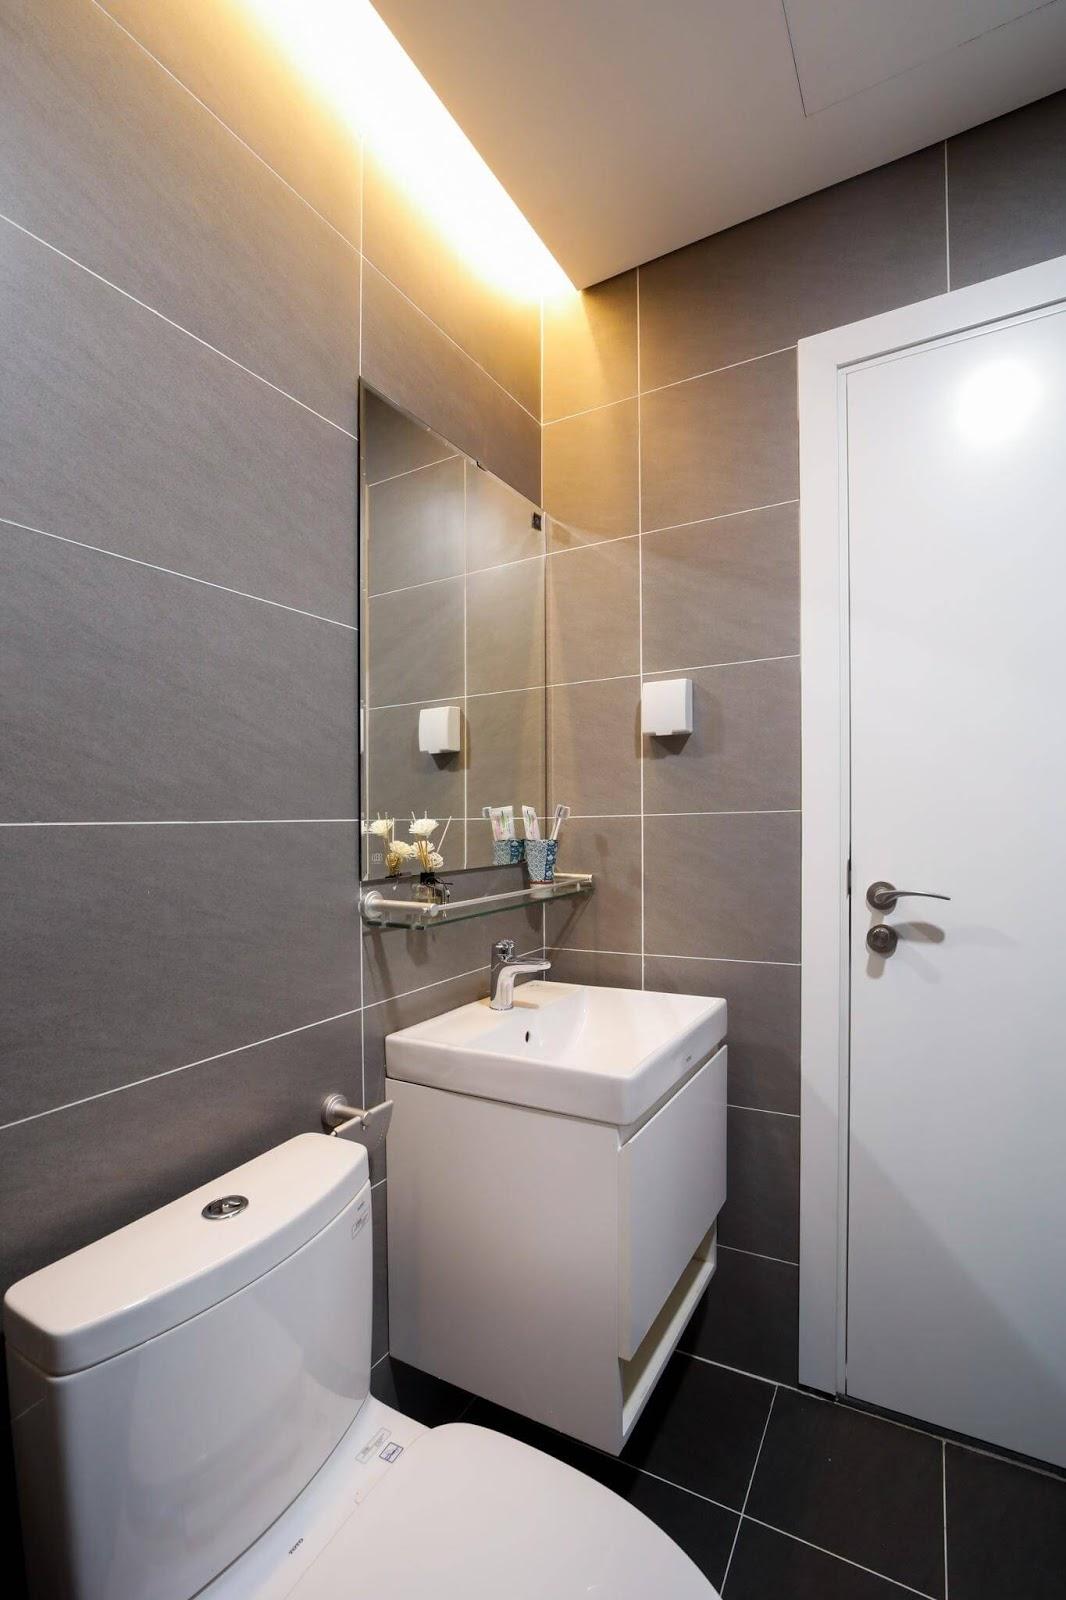 Nội thất phòng tắm tuyệt đẹp.